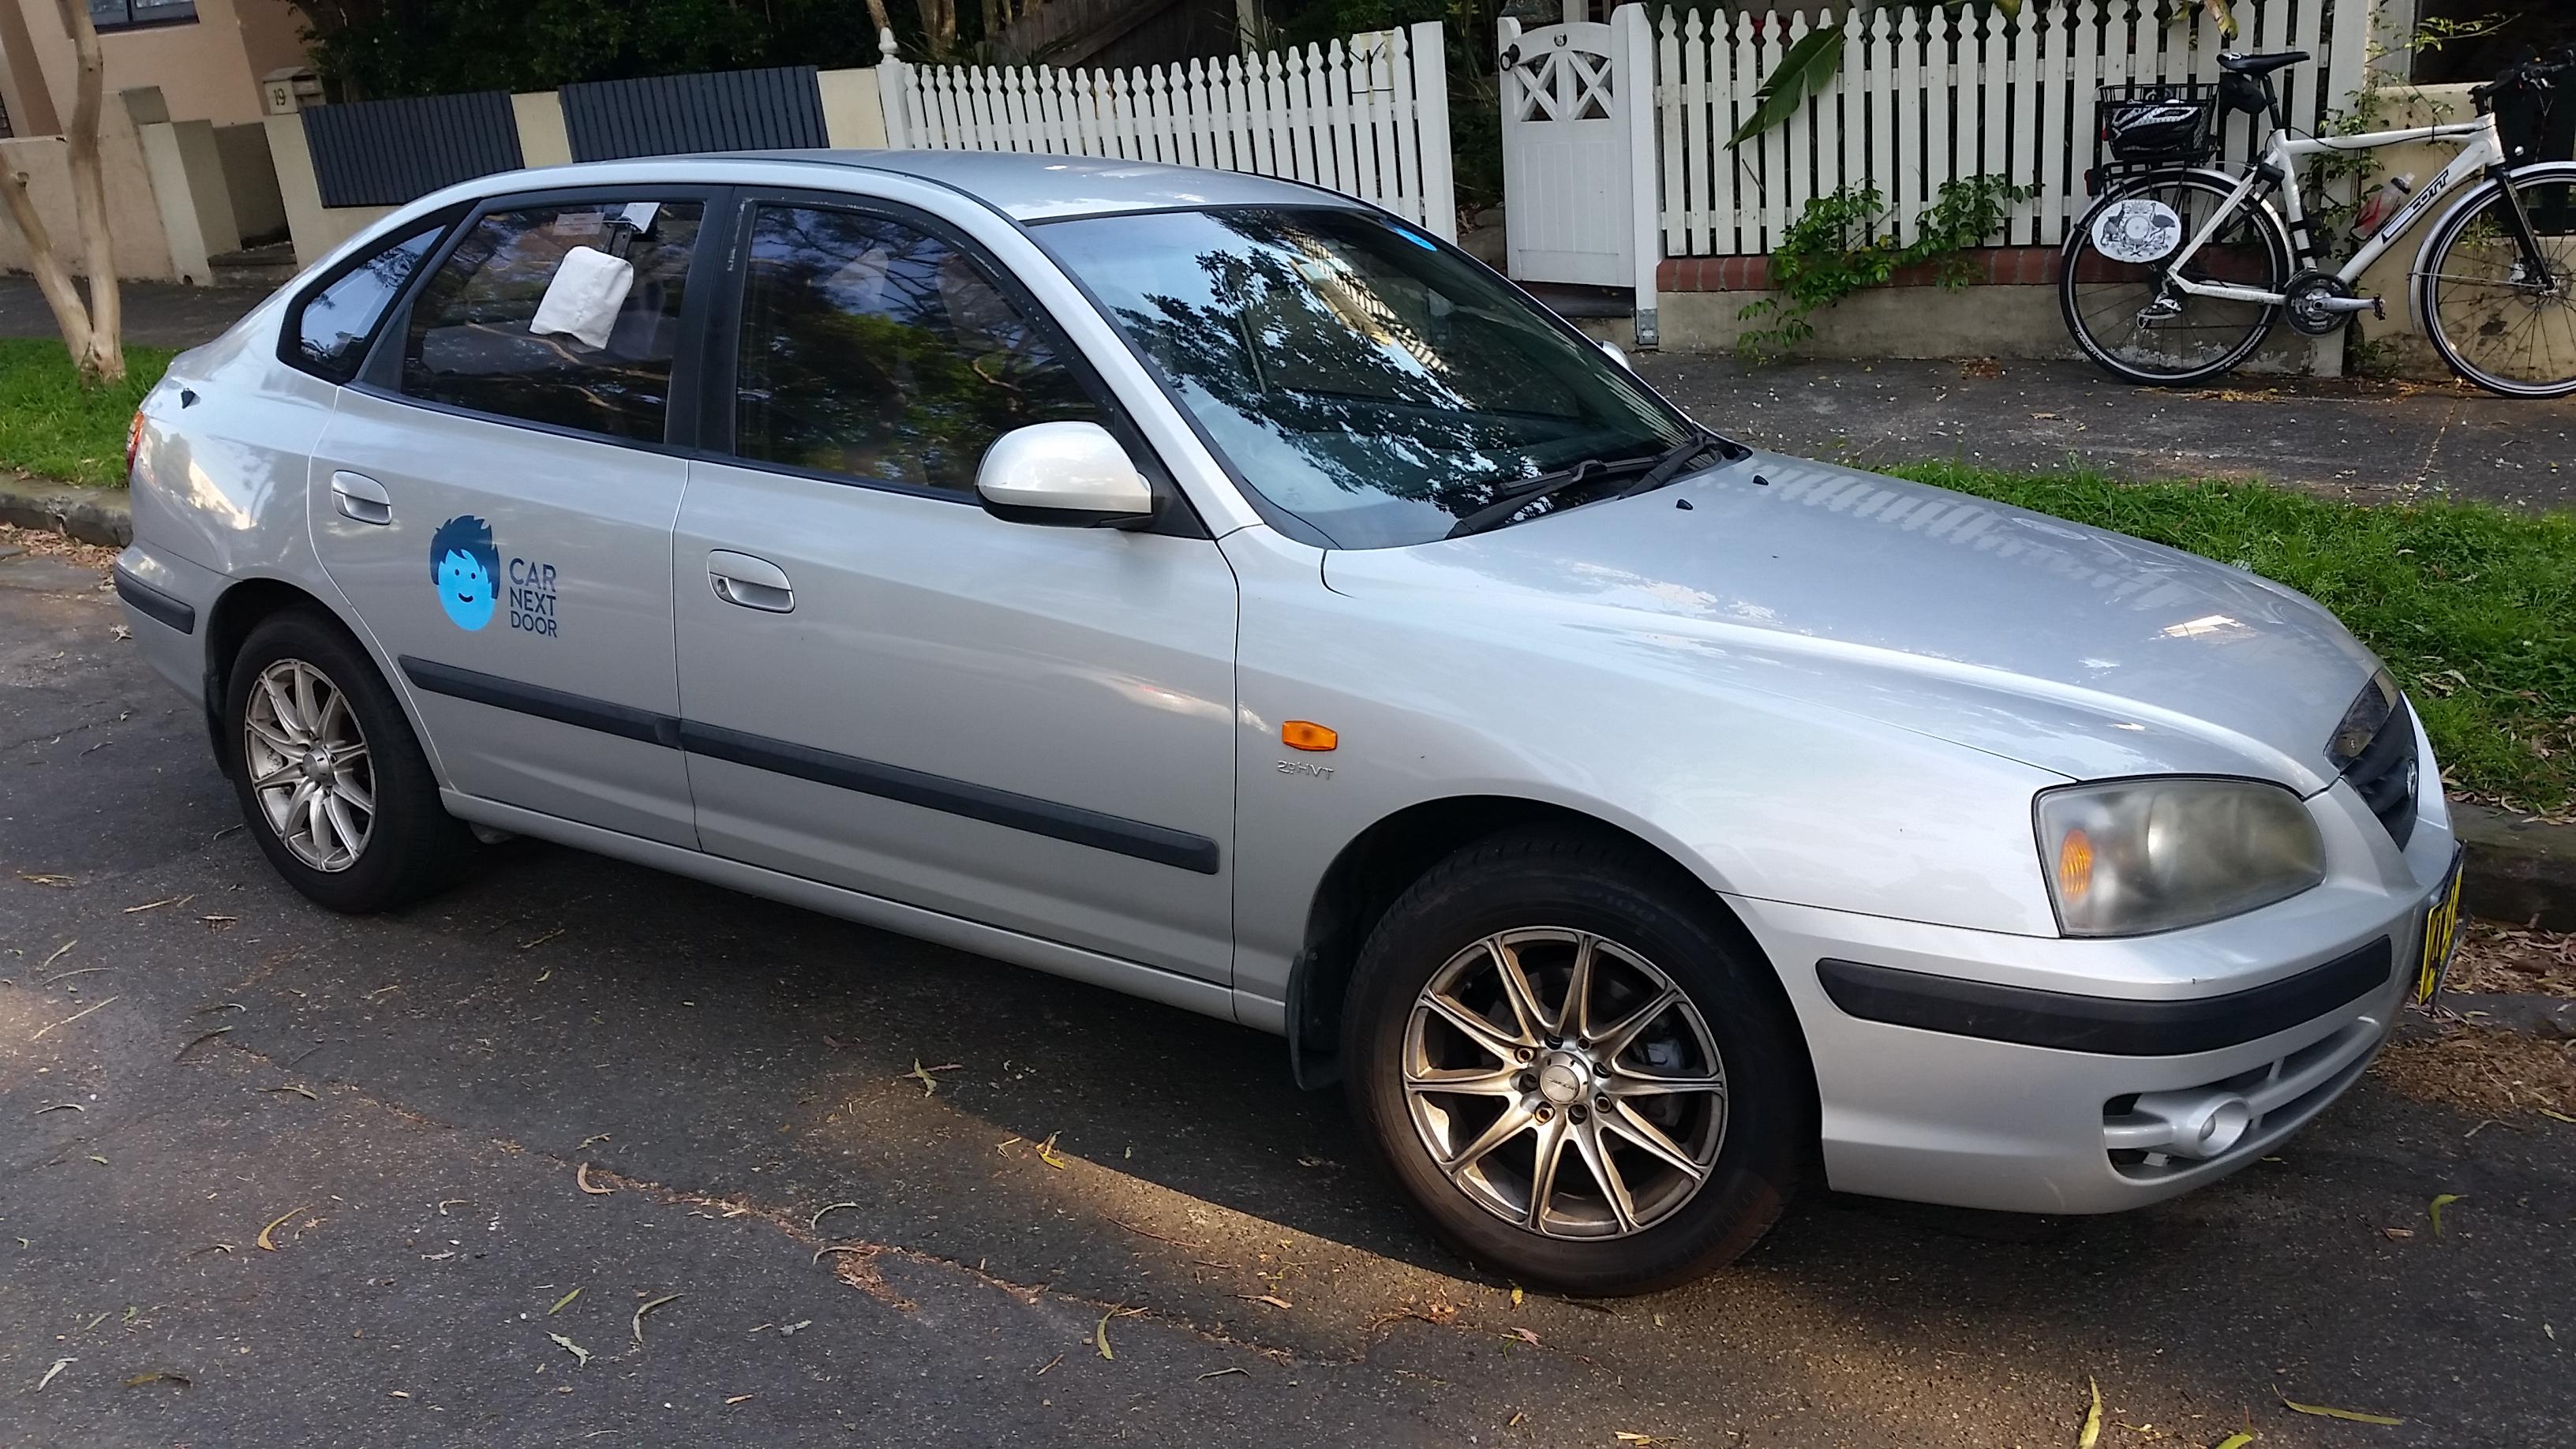 Picture of Kealan's 2005 Hyundai Elantra